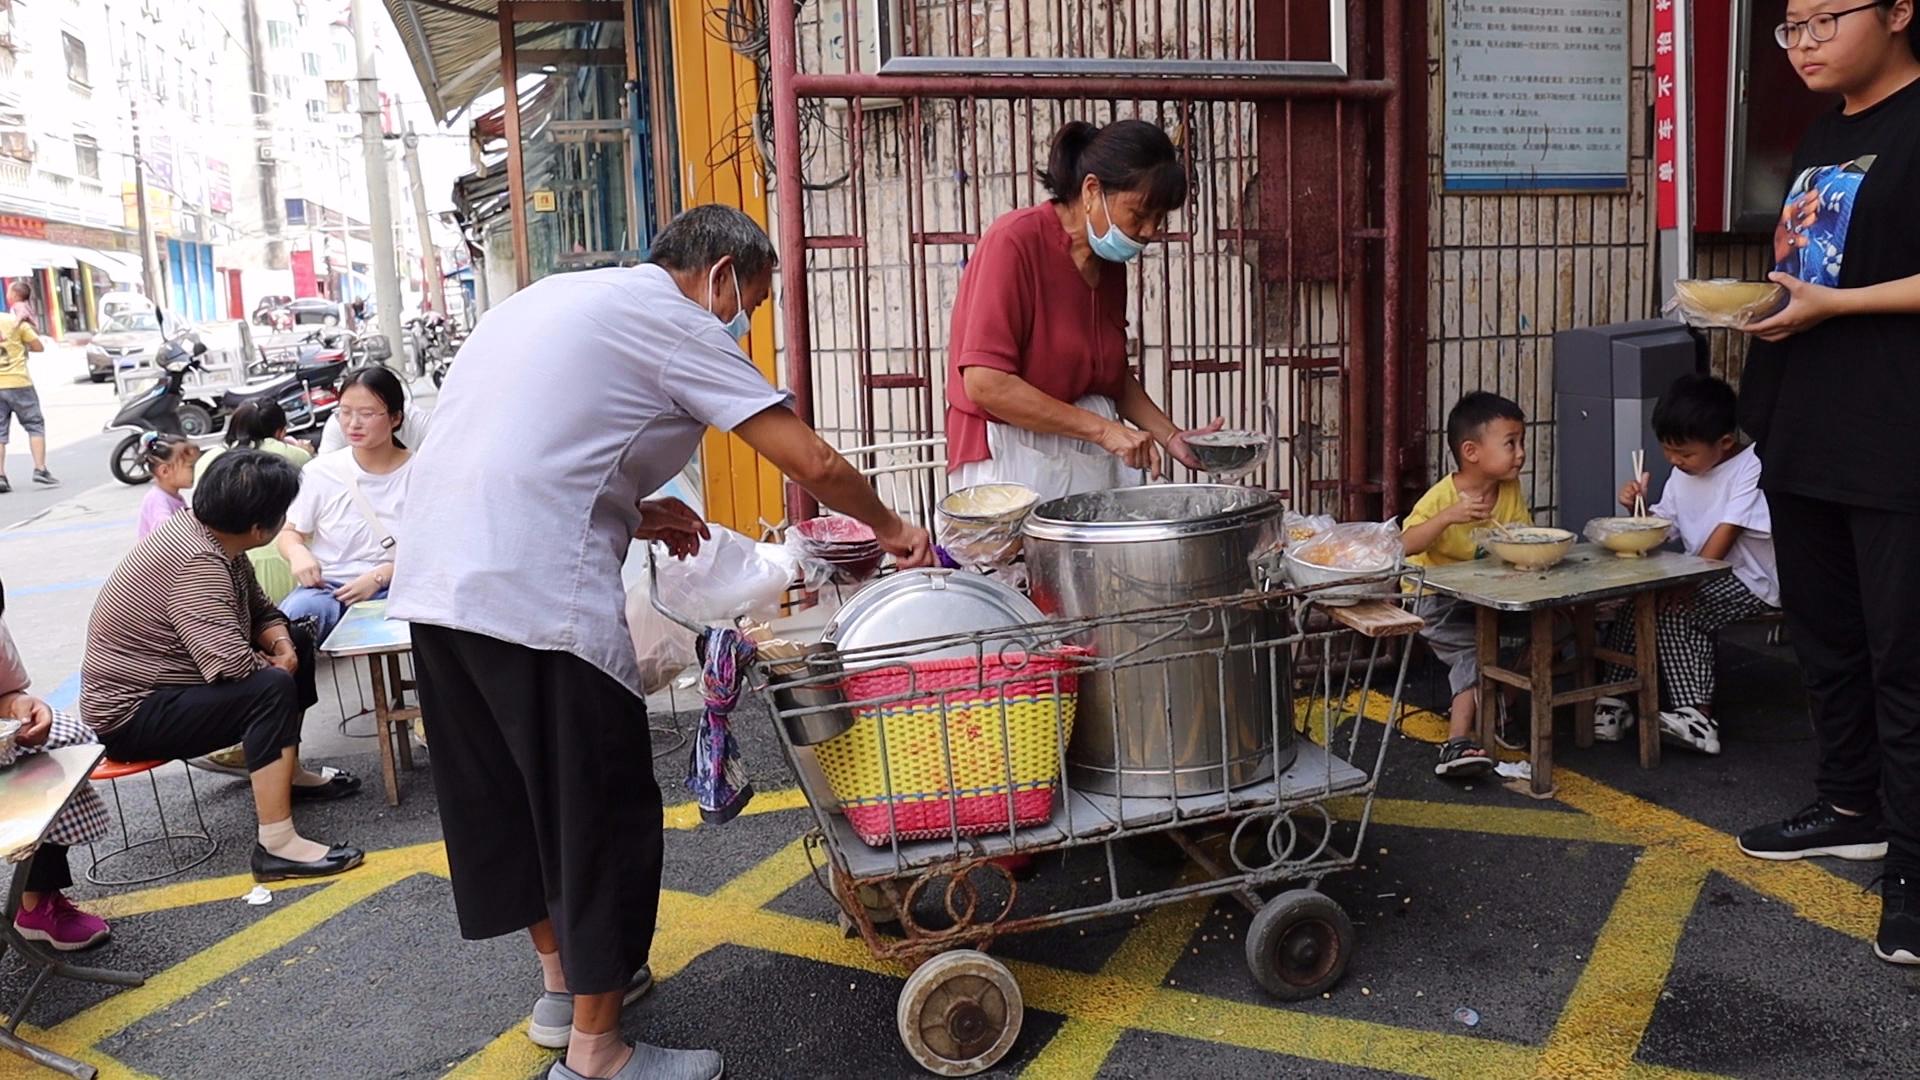 河南夫妇摆摊30年不挪地,40年婴儿车成招牌,顾客称比家里都好吃